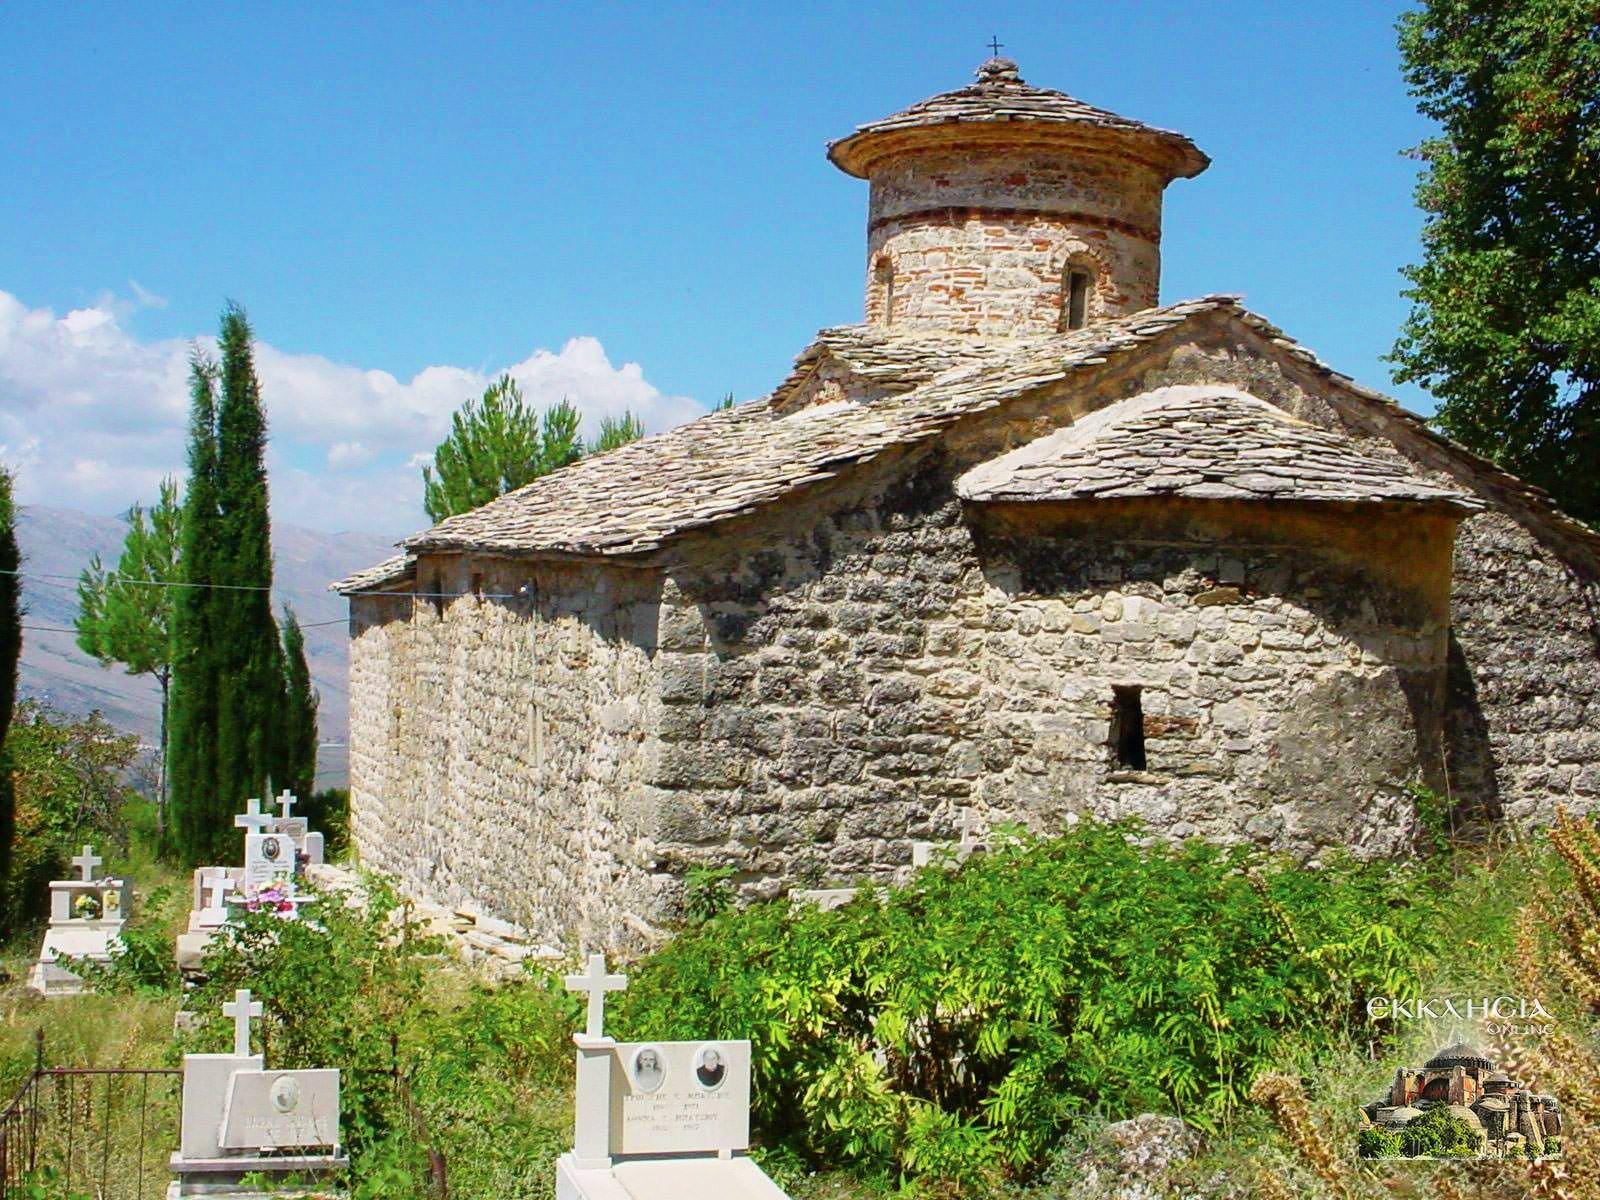 Αποκατάσταση Εκκλησίας Αλβανία